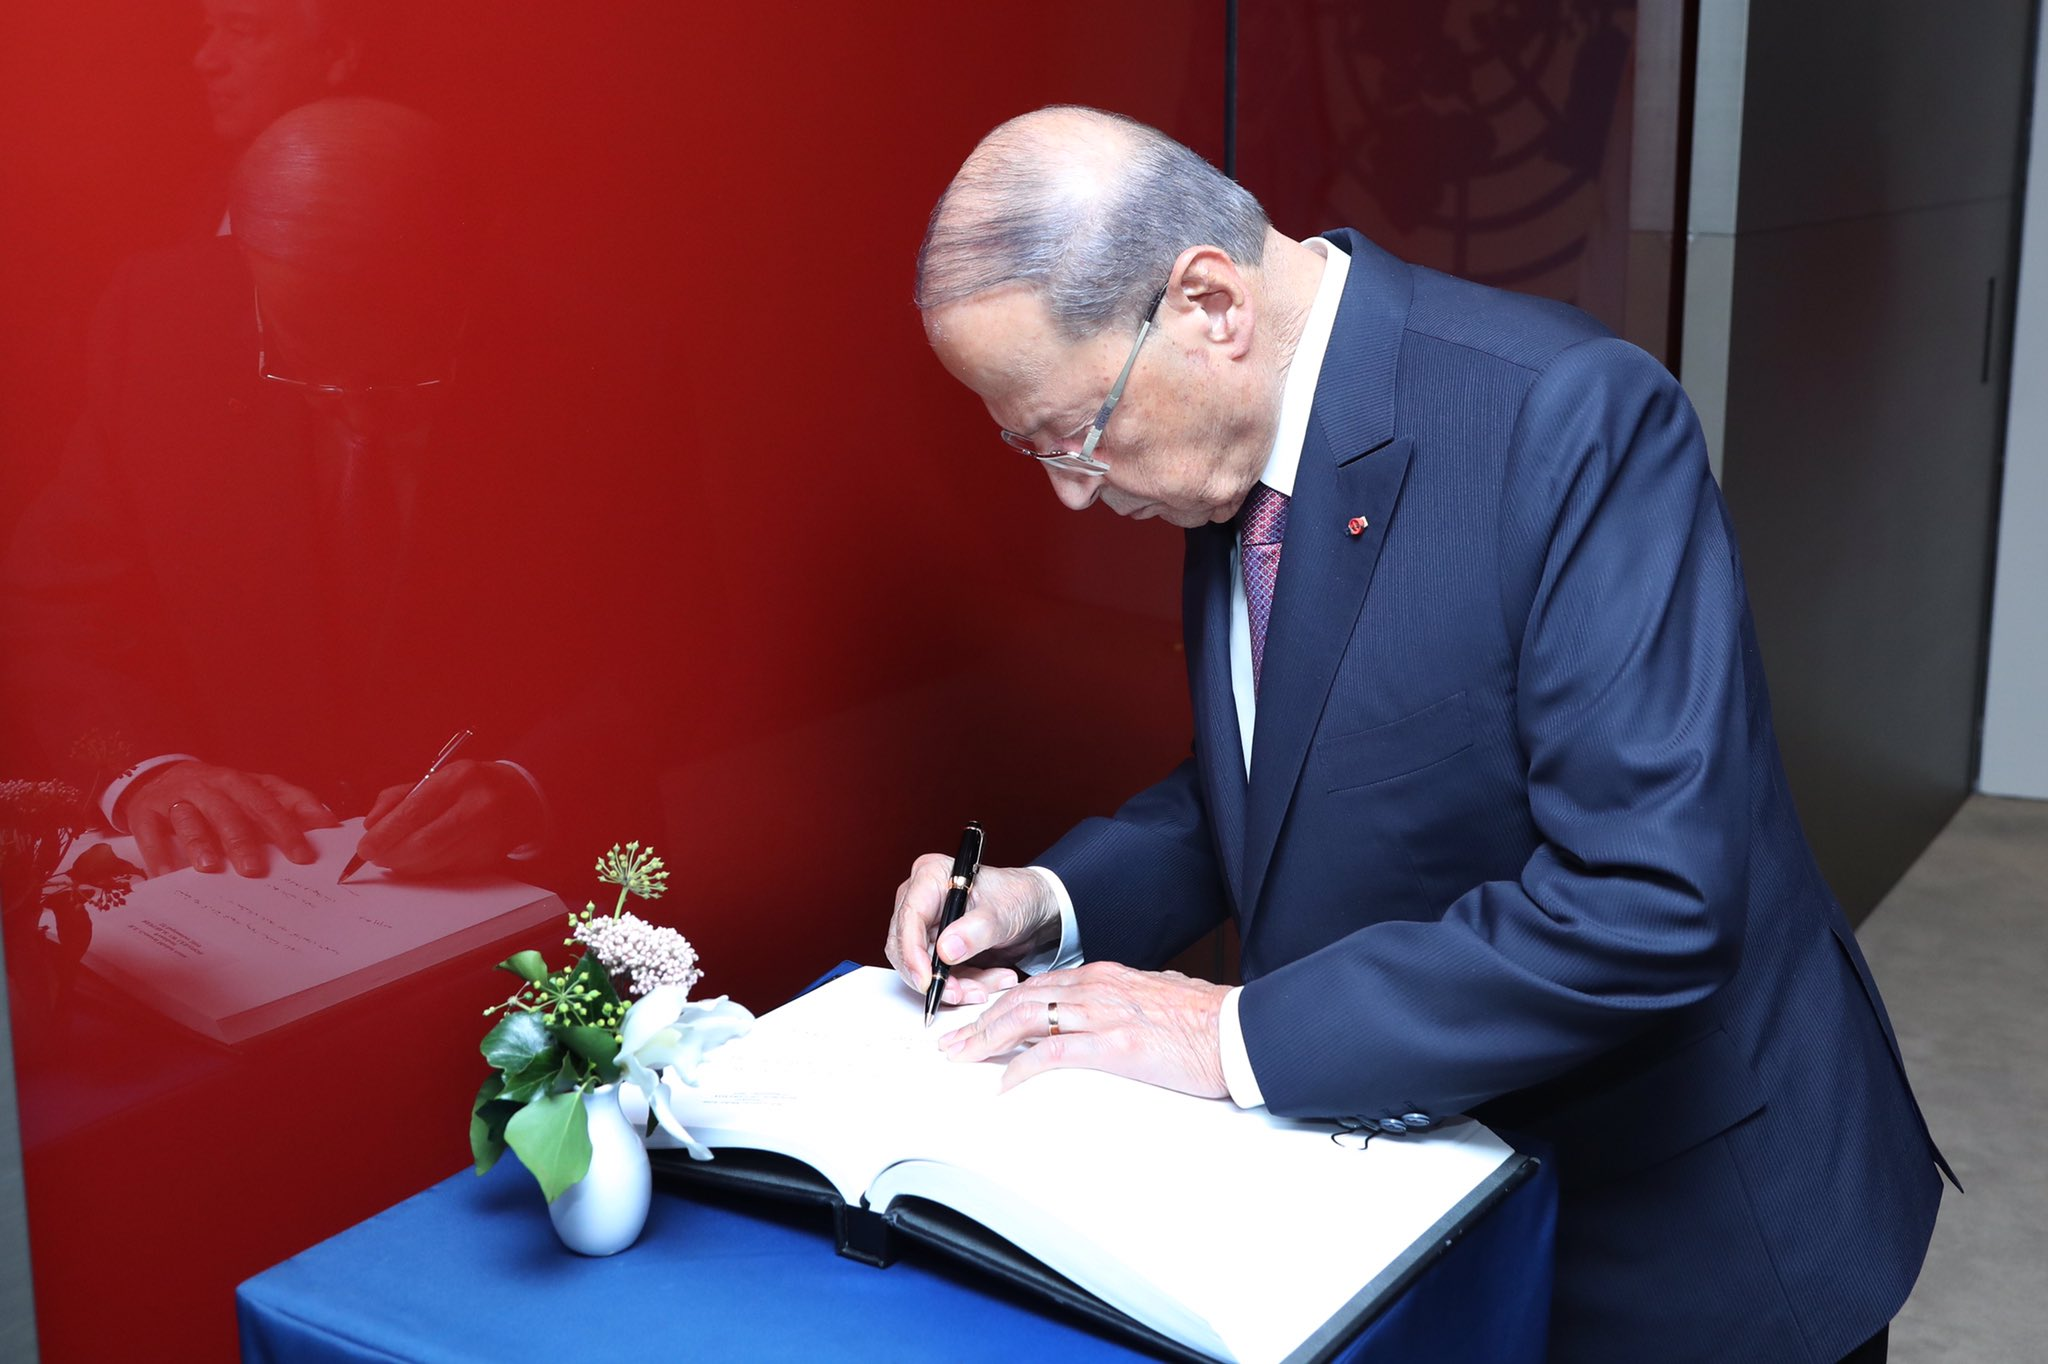 الرئيس عون:  تعميم الفساد على الجميع أفقد ثقة اللبنانيين بقياداتهم وأثر سلباً على سمعة لبنان في الخارج والجيل الشاب هو الذي يصنع الإصلاح